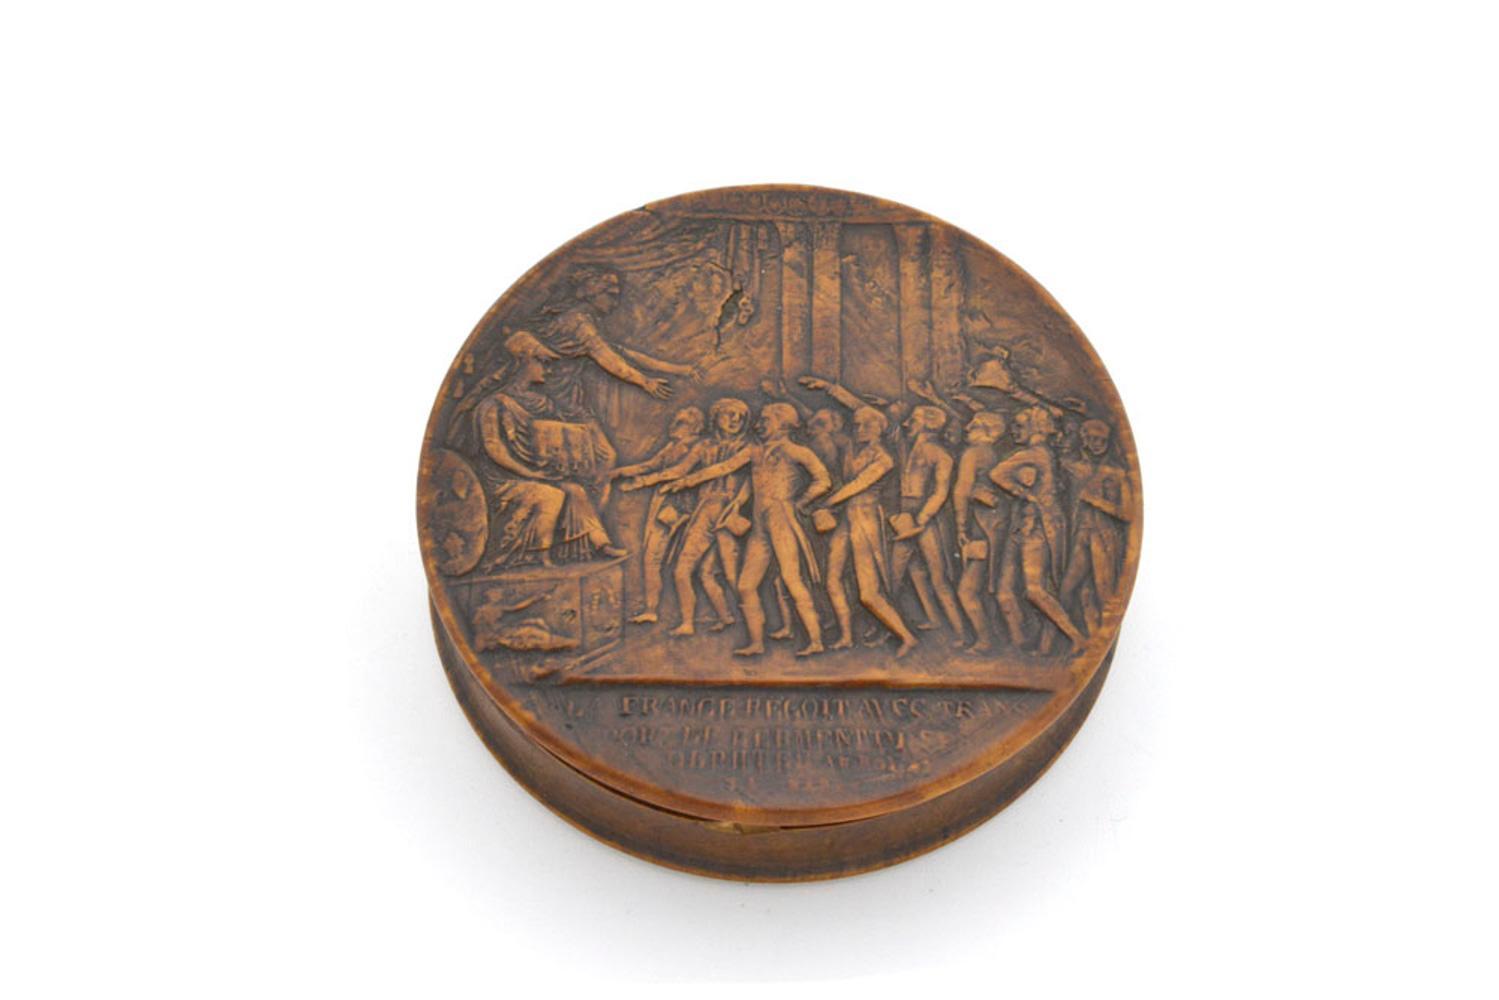 Caixa de rapé de formato circular em madeira